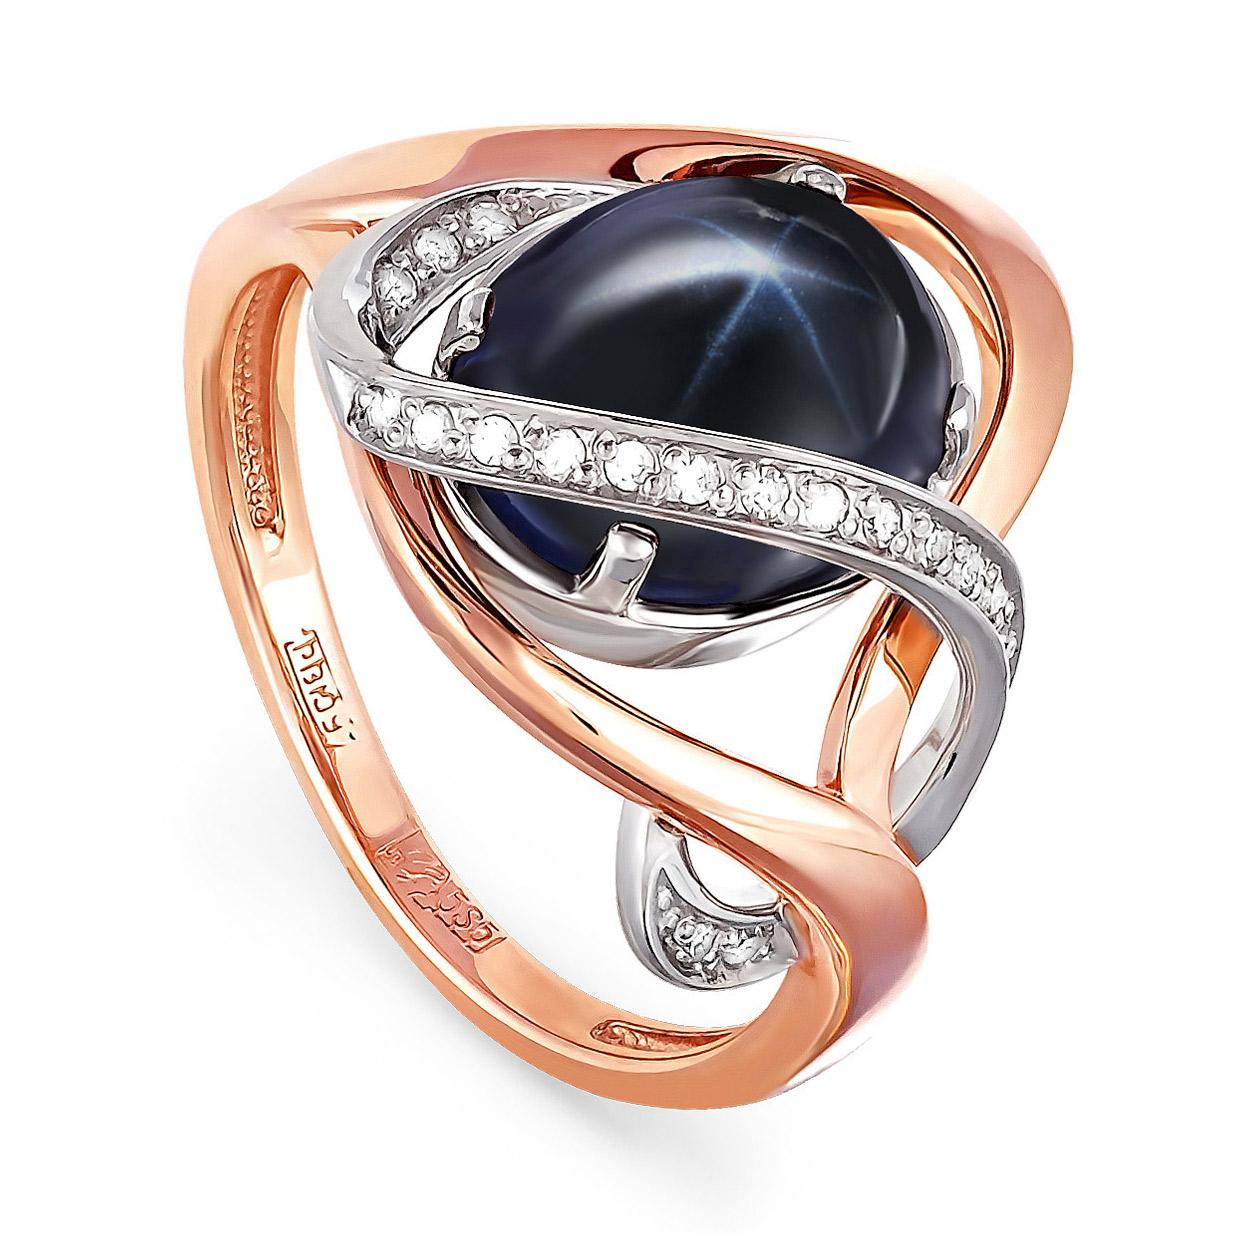 Золотое кольцо Бриллиант и Сапфир арт. 11-0367-1400 11-0367-1400